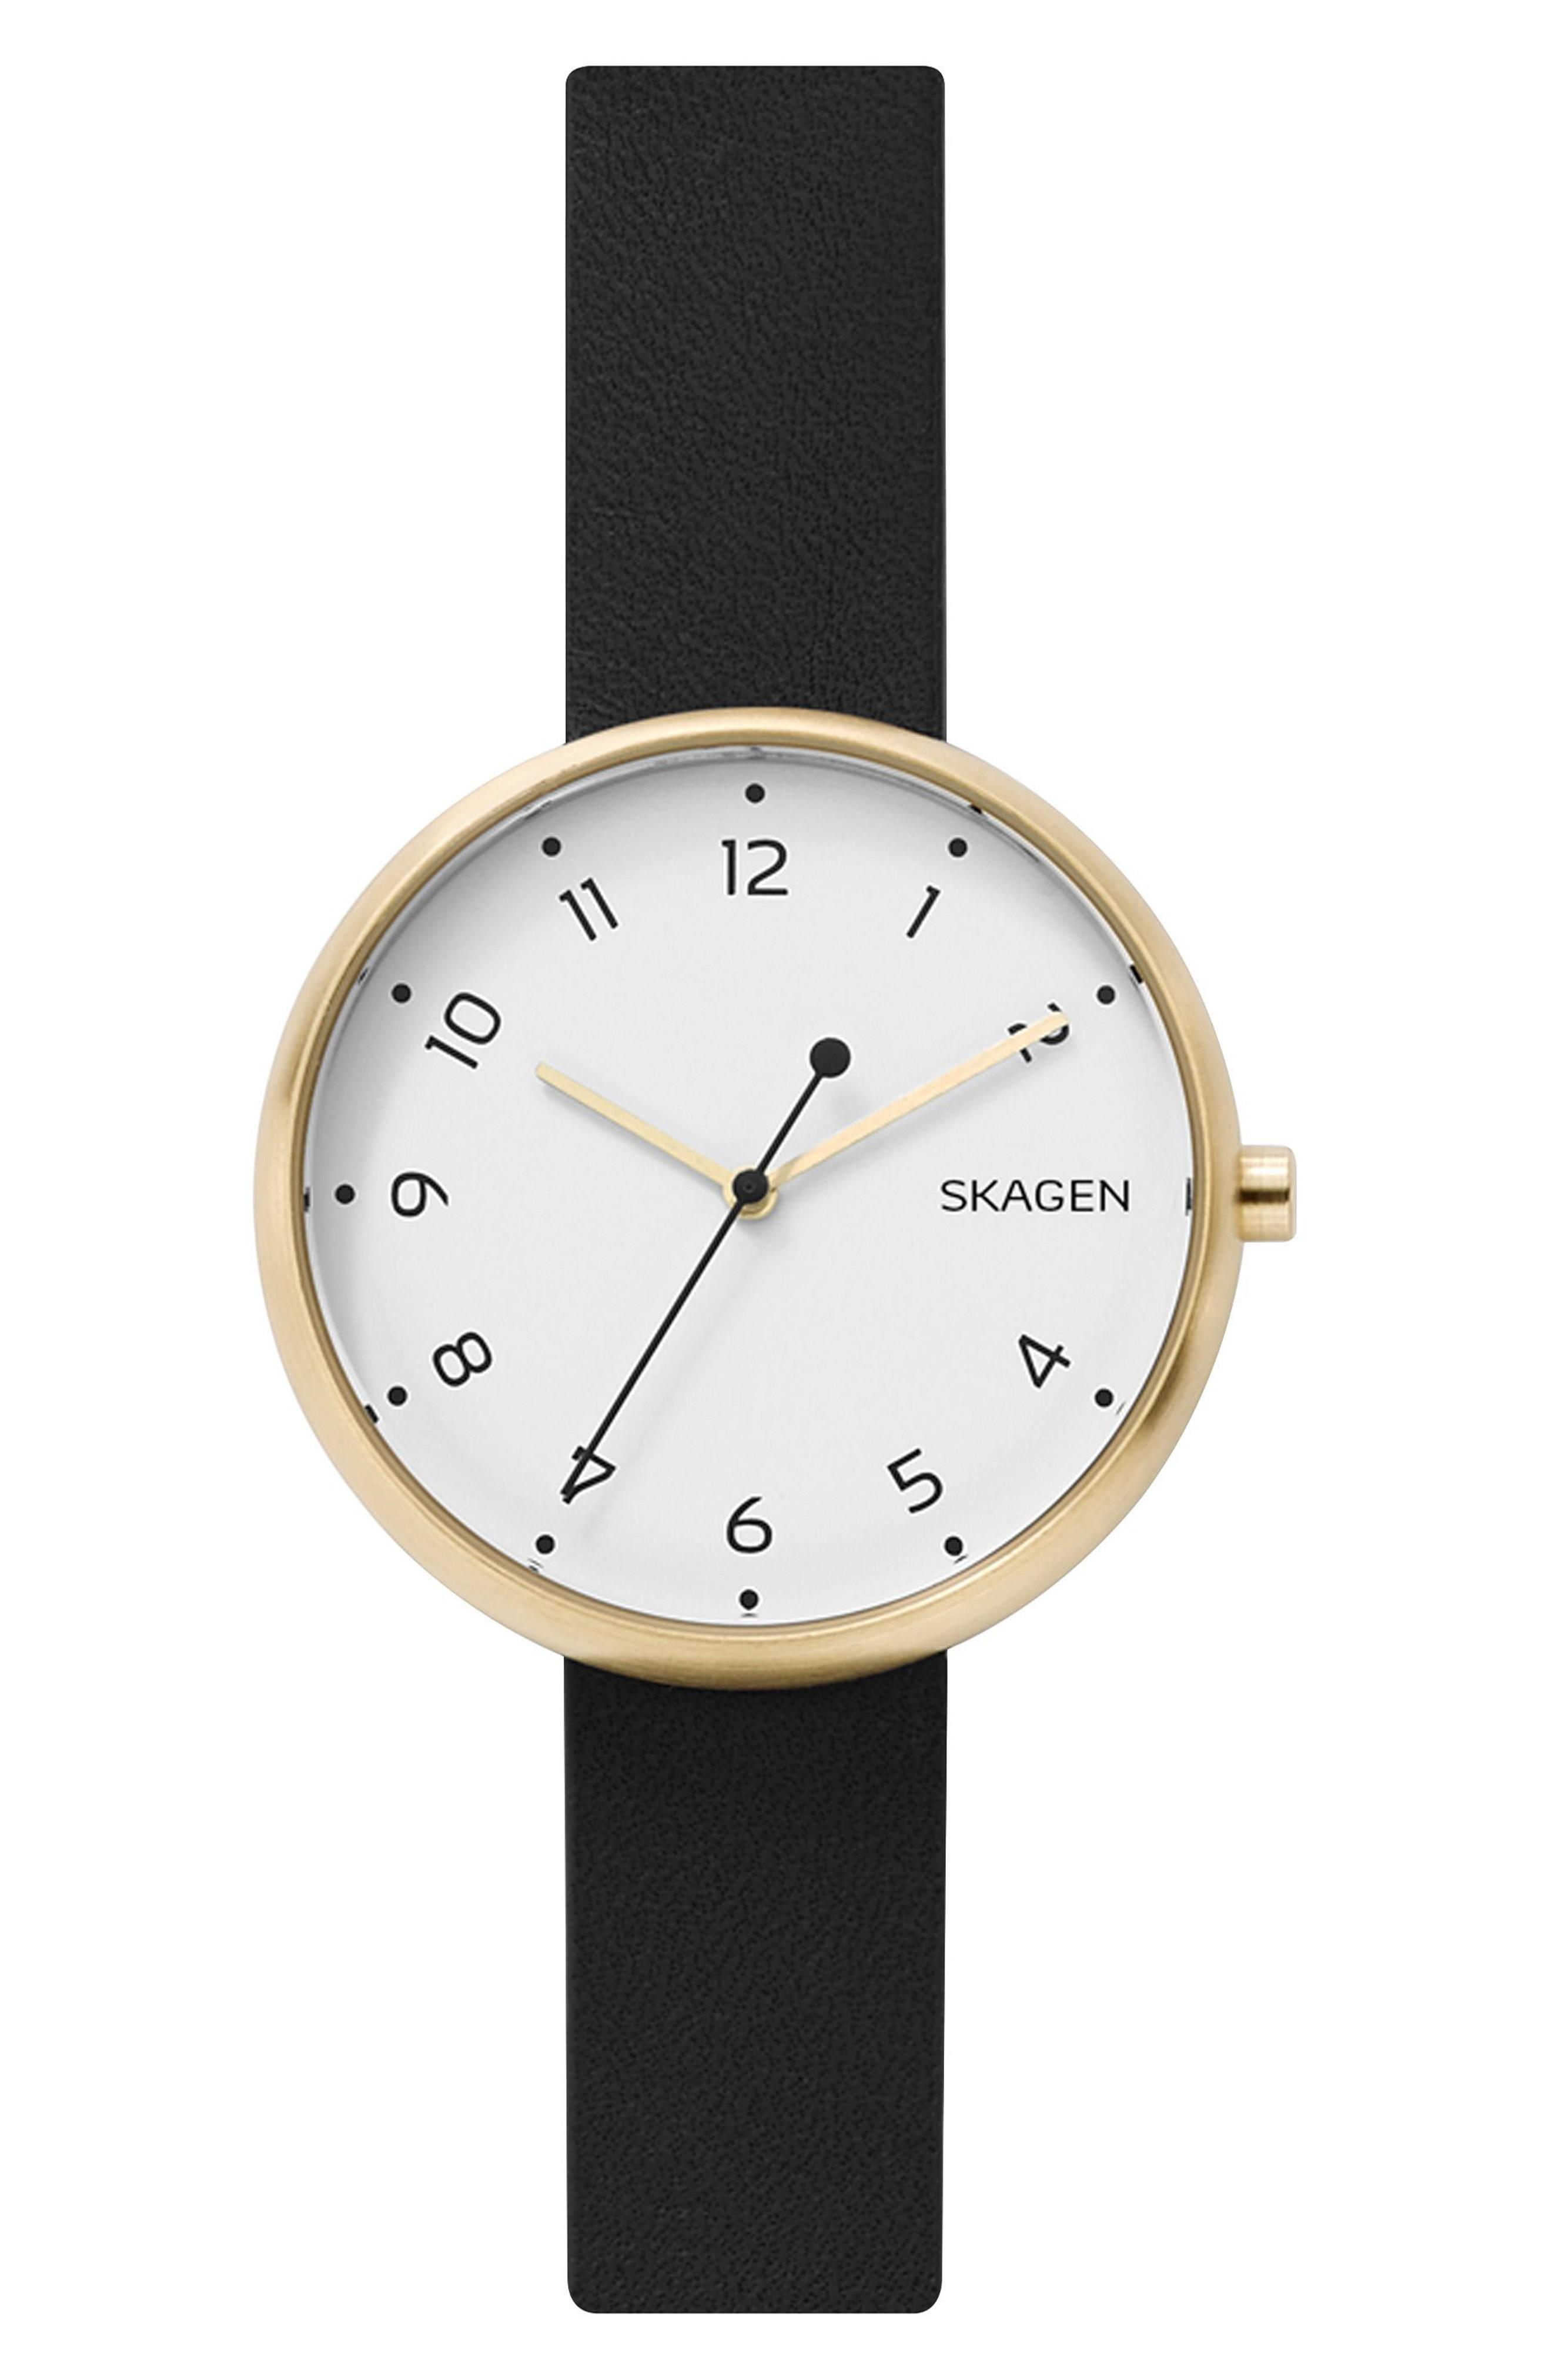 Skagen Signatur Leather Strap Watch, 36mm In Black/ White/ Gold